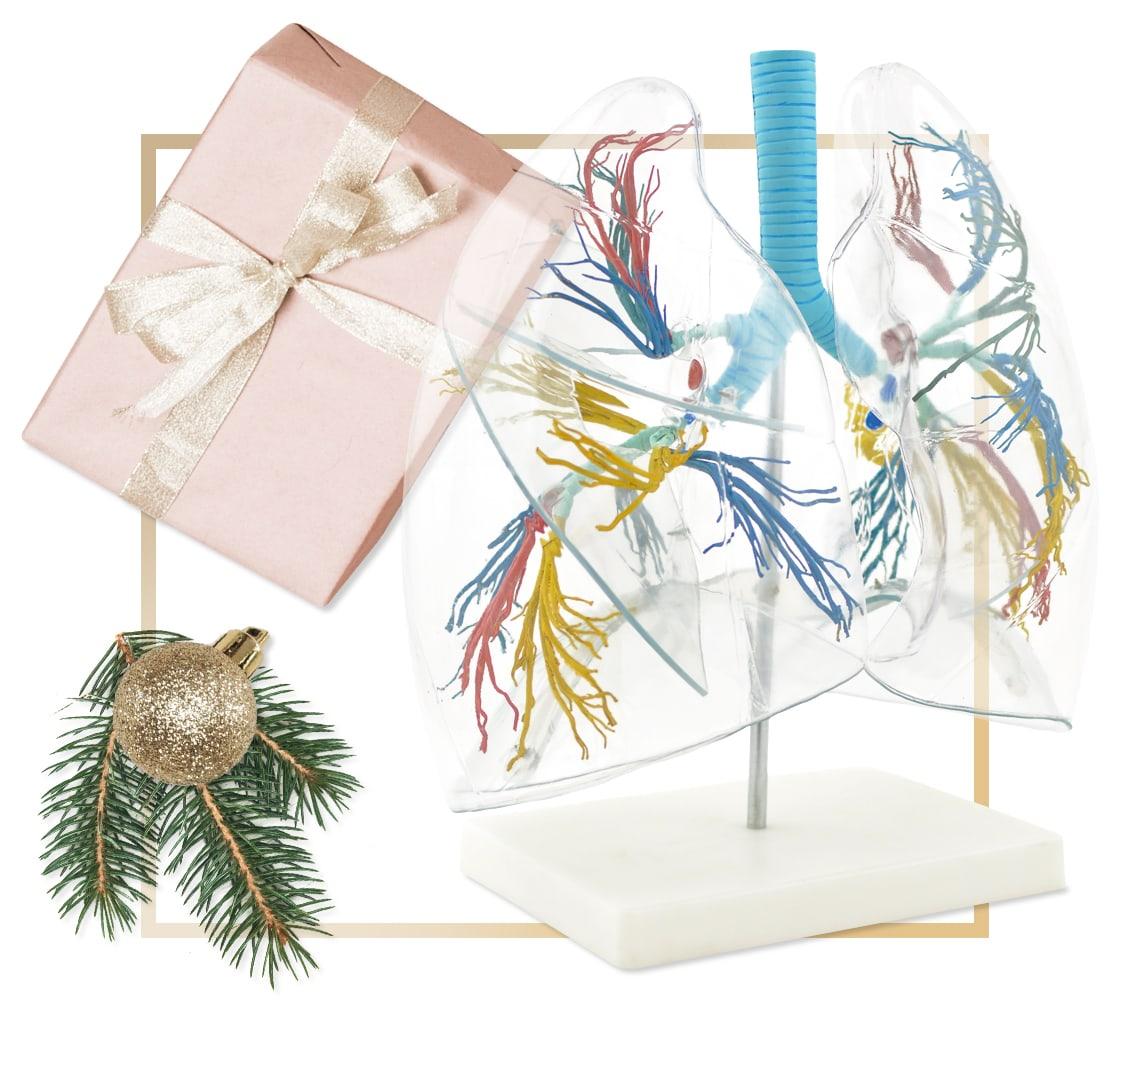 Anatomical Model Christmas Gift